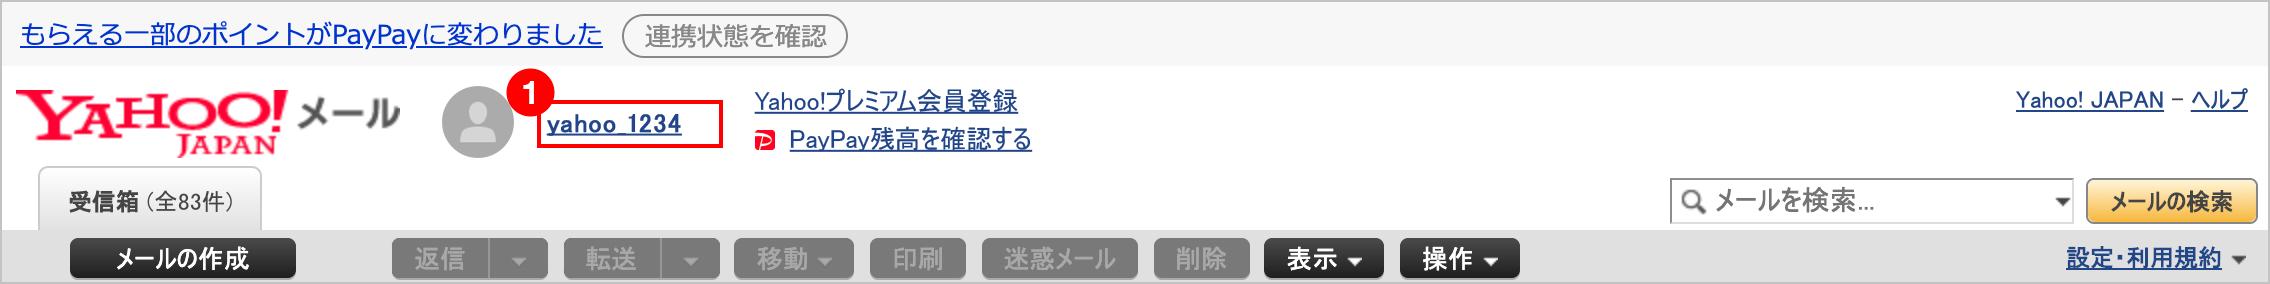 変更後のYahoo!メール画面